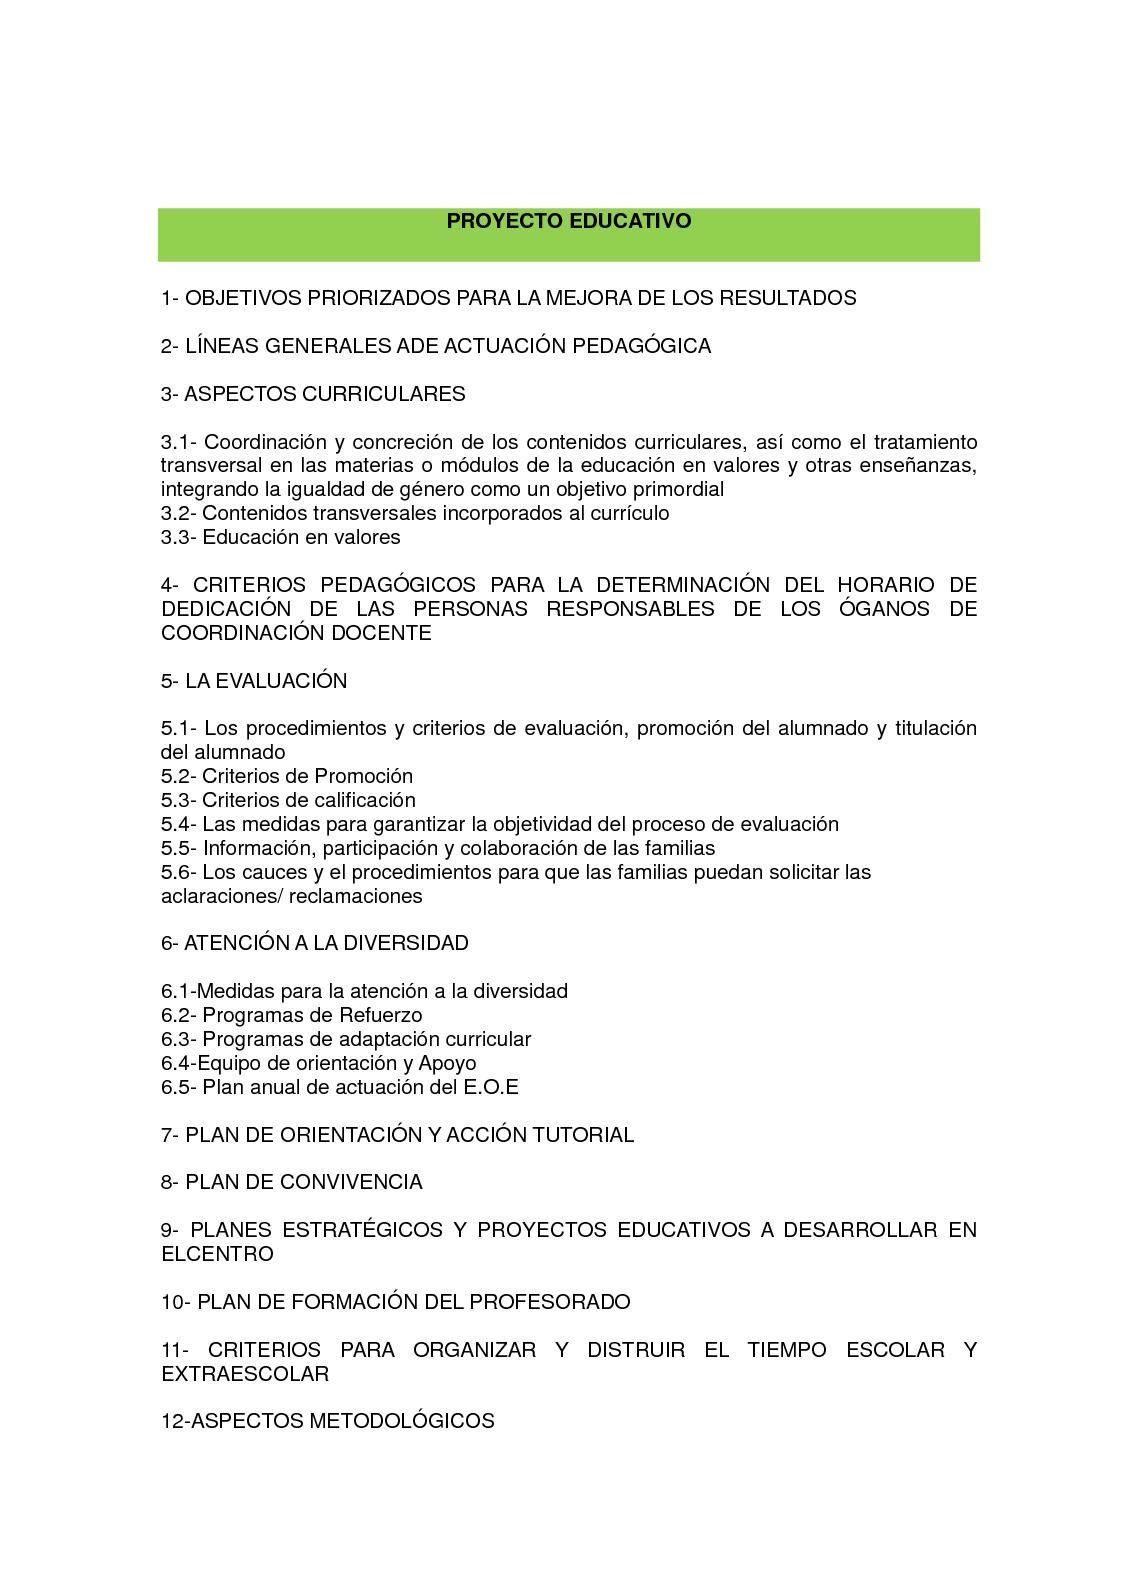 Calaméo - CEIP La Unión: Proyecto Educativo 17/18